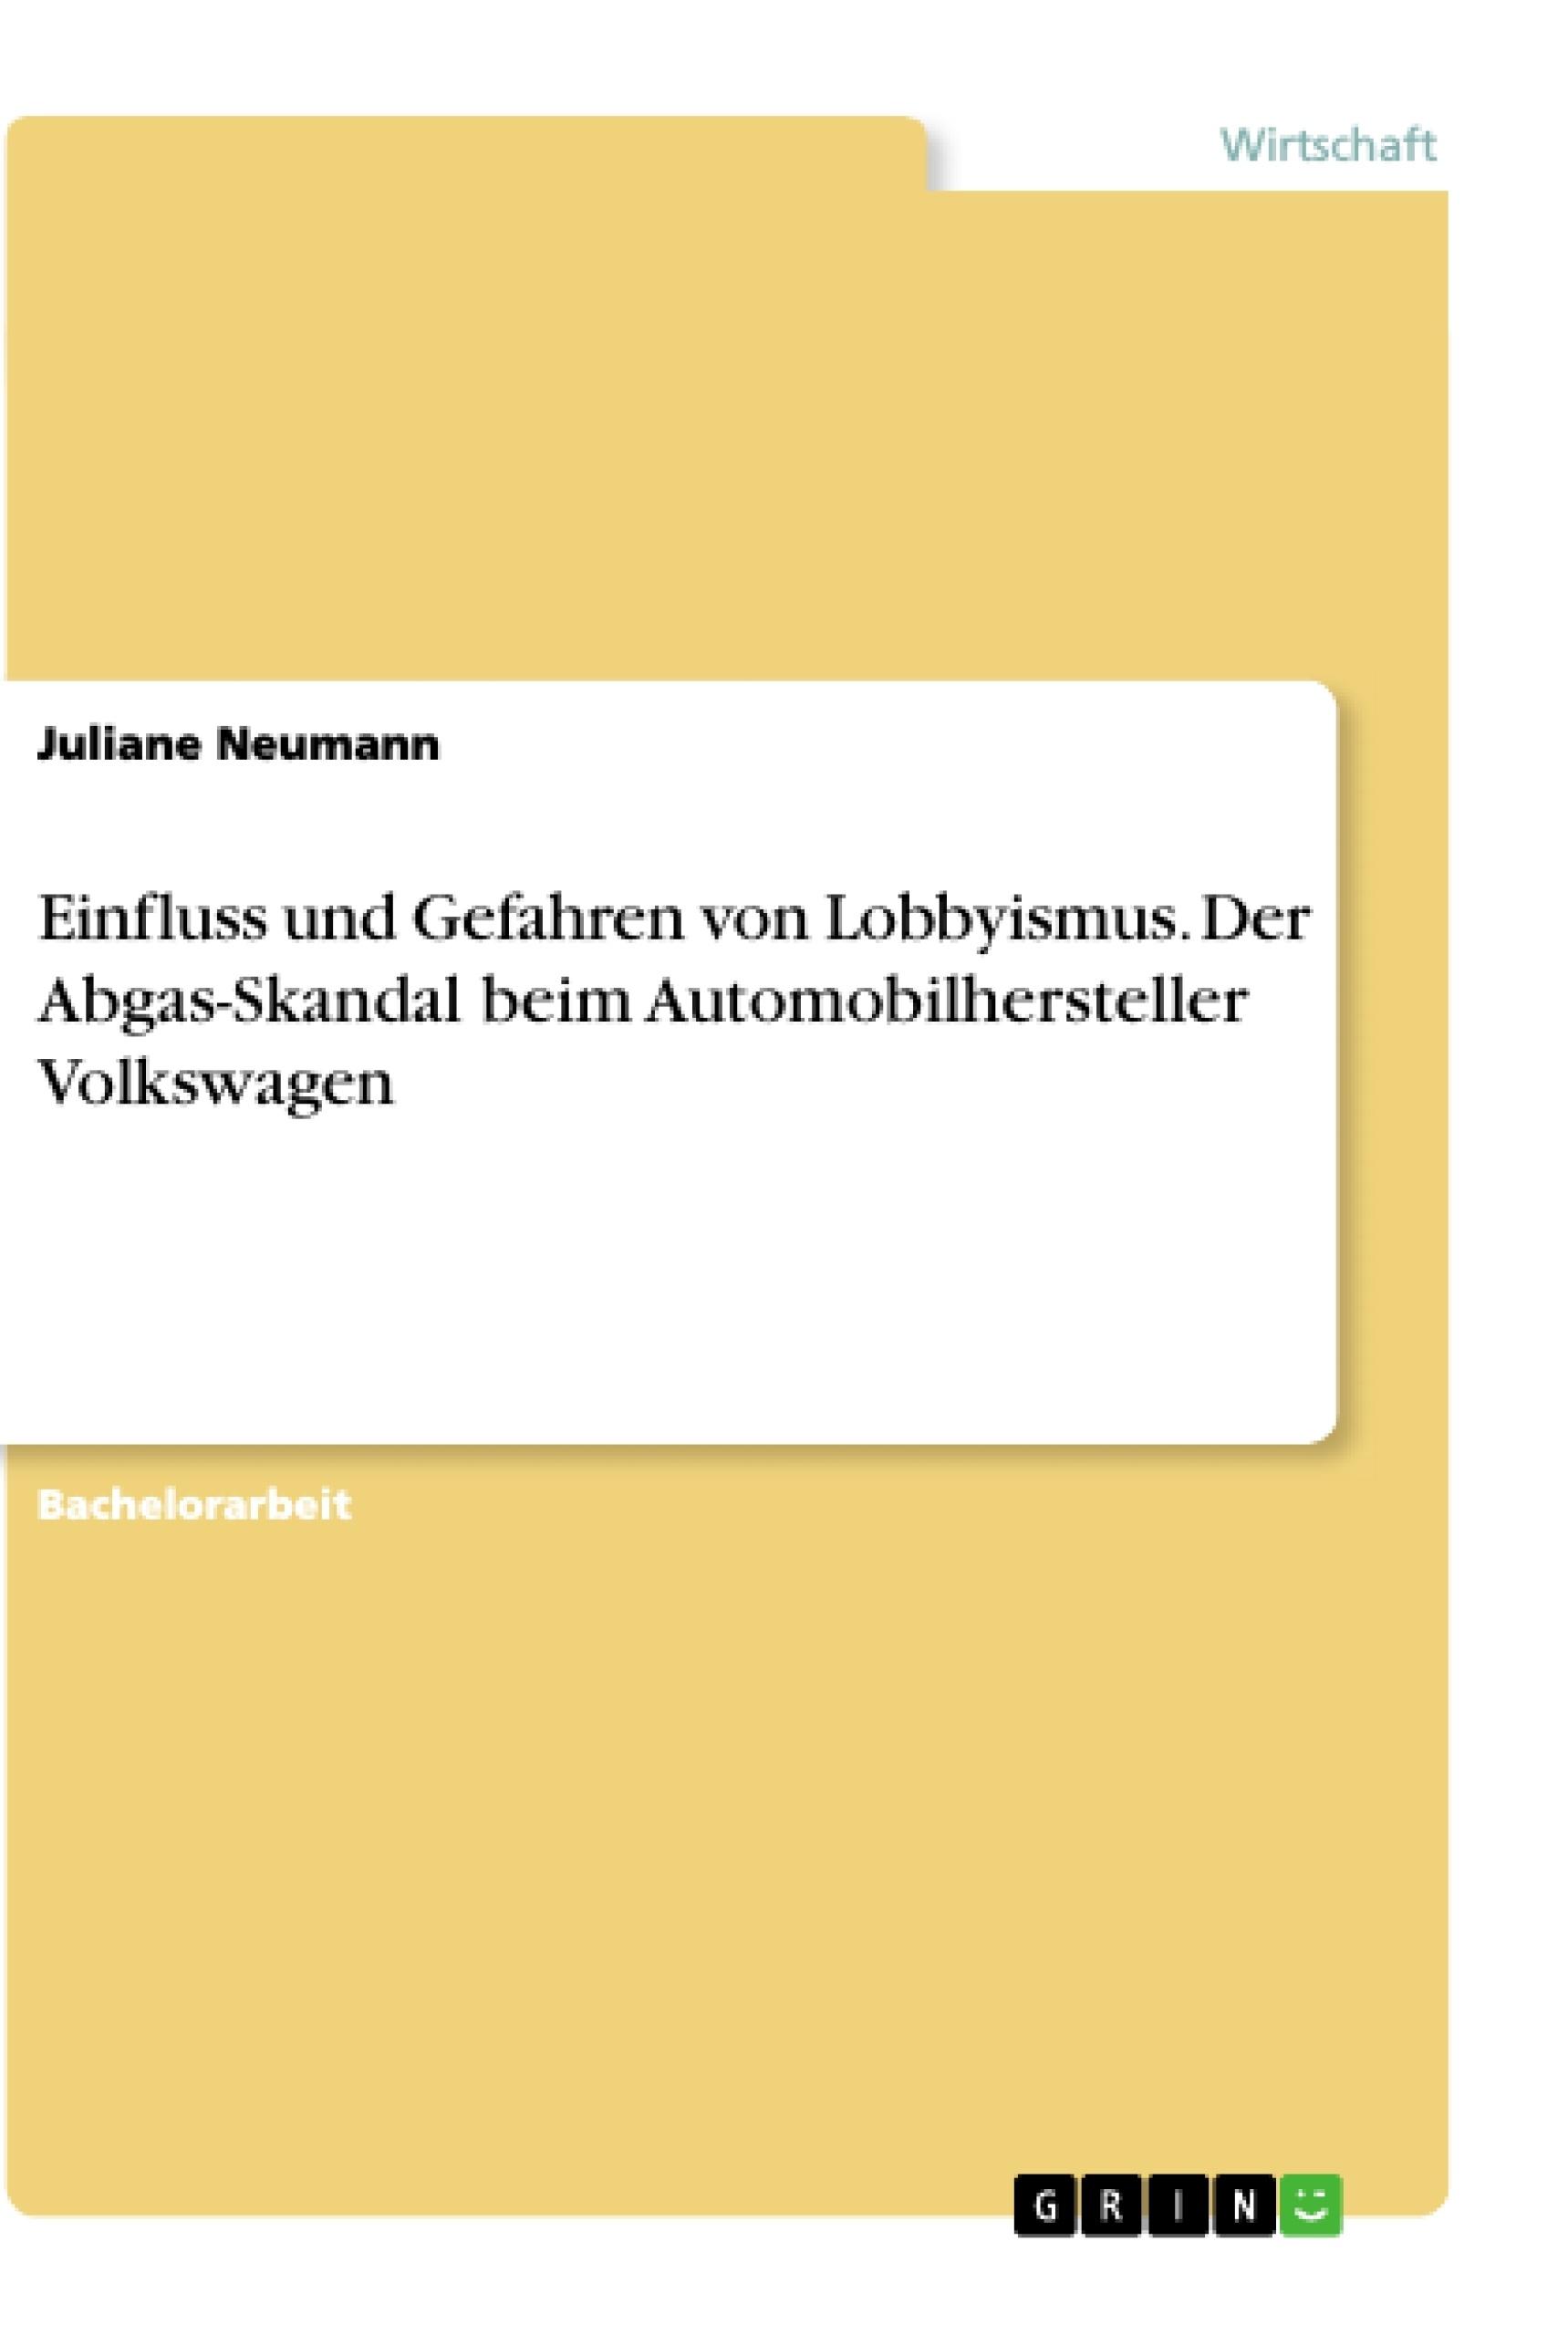 Titel: Einfluss und Gefahren von Lobbyismus. Der Abgas-Skandal beim Automobilhersteller Volkswagen